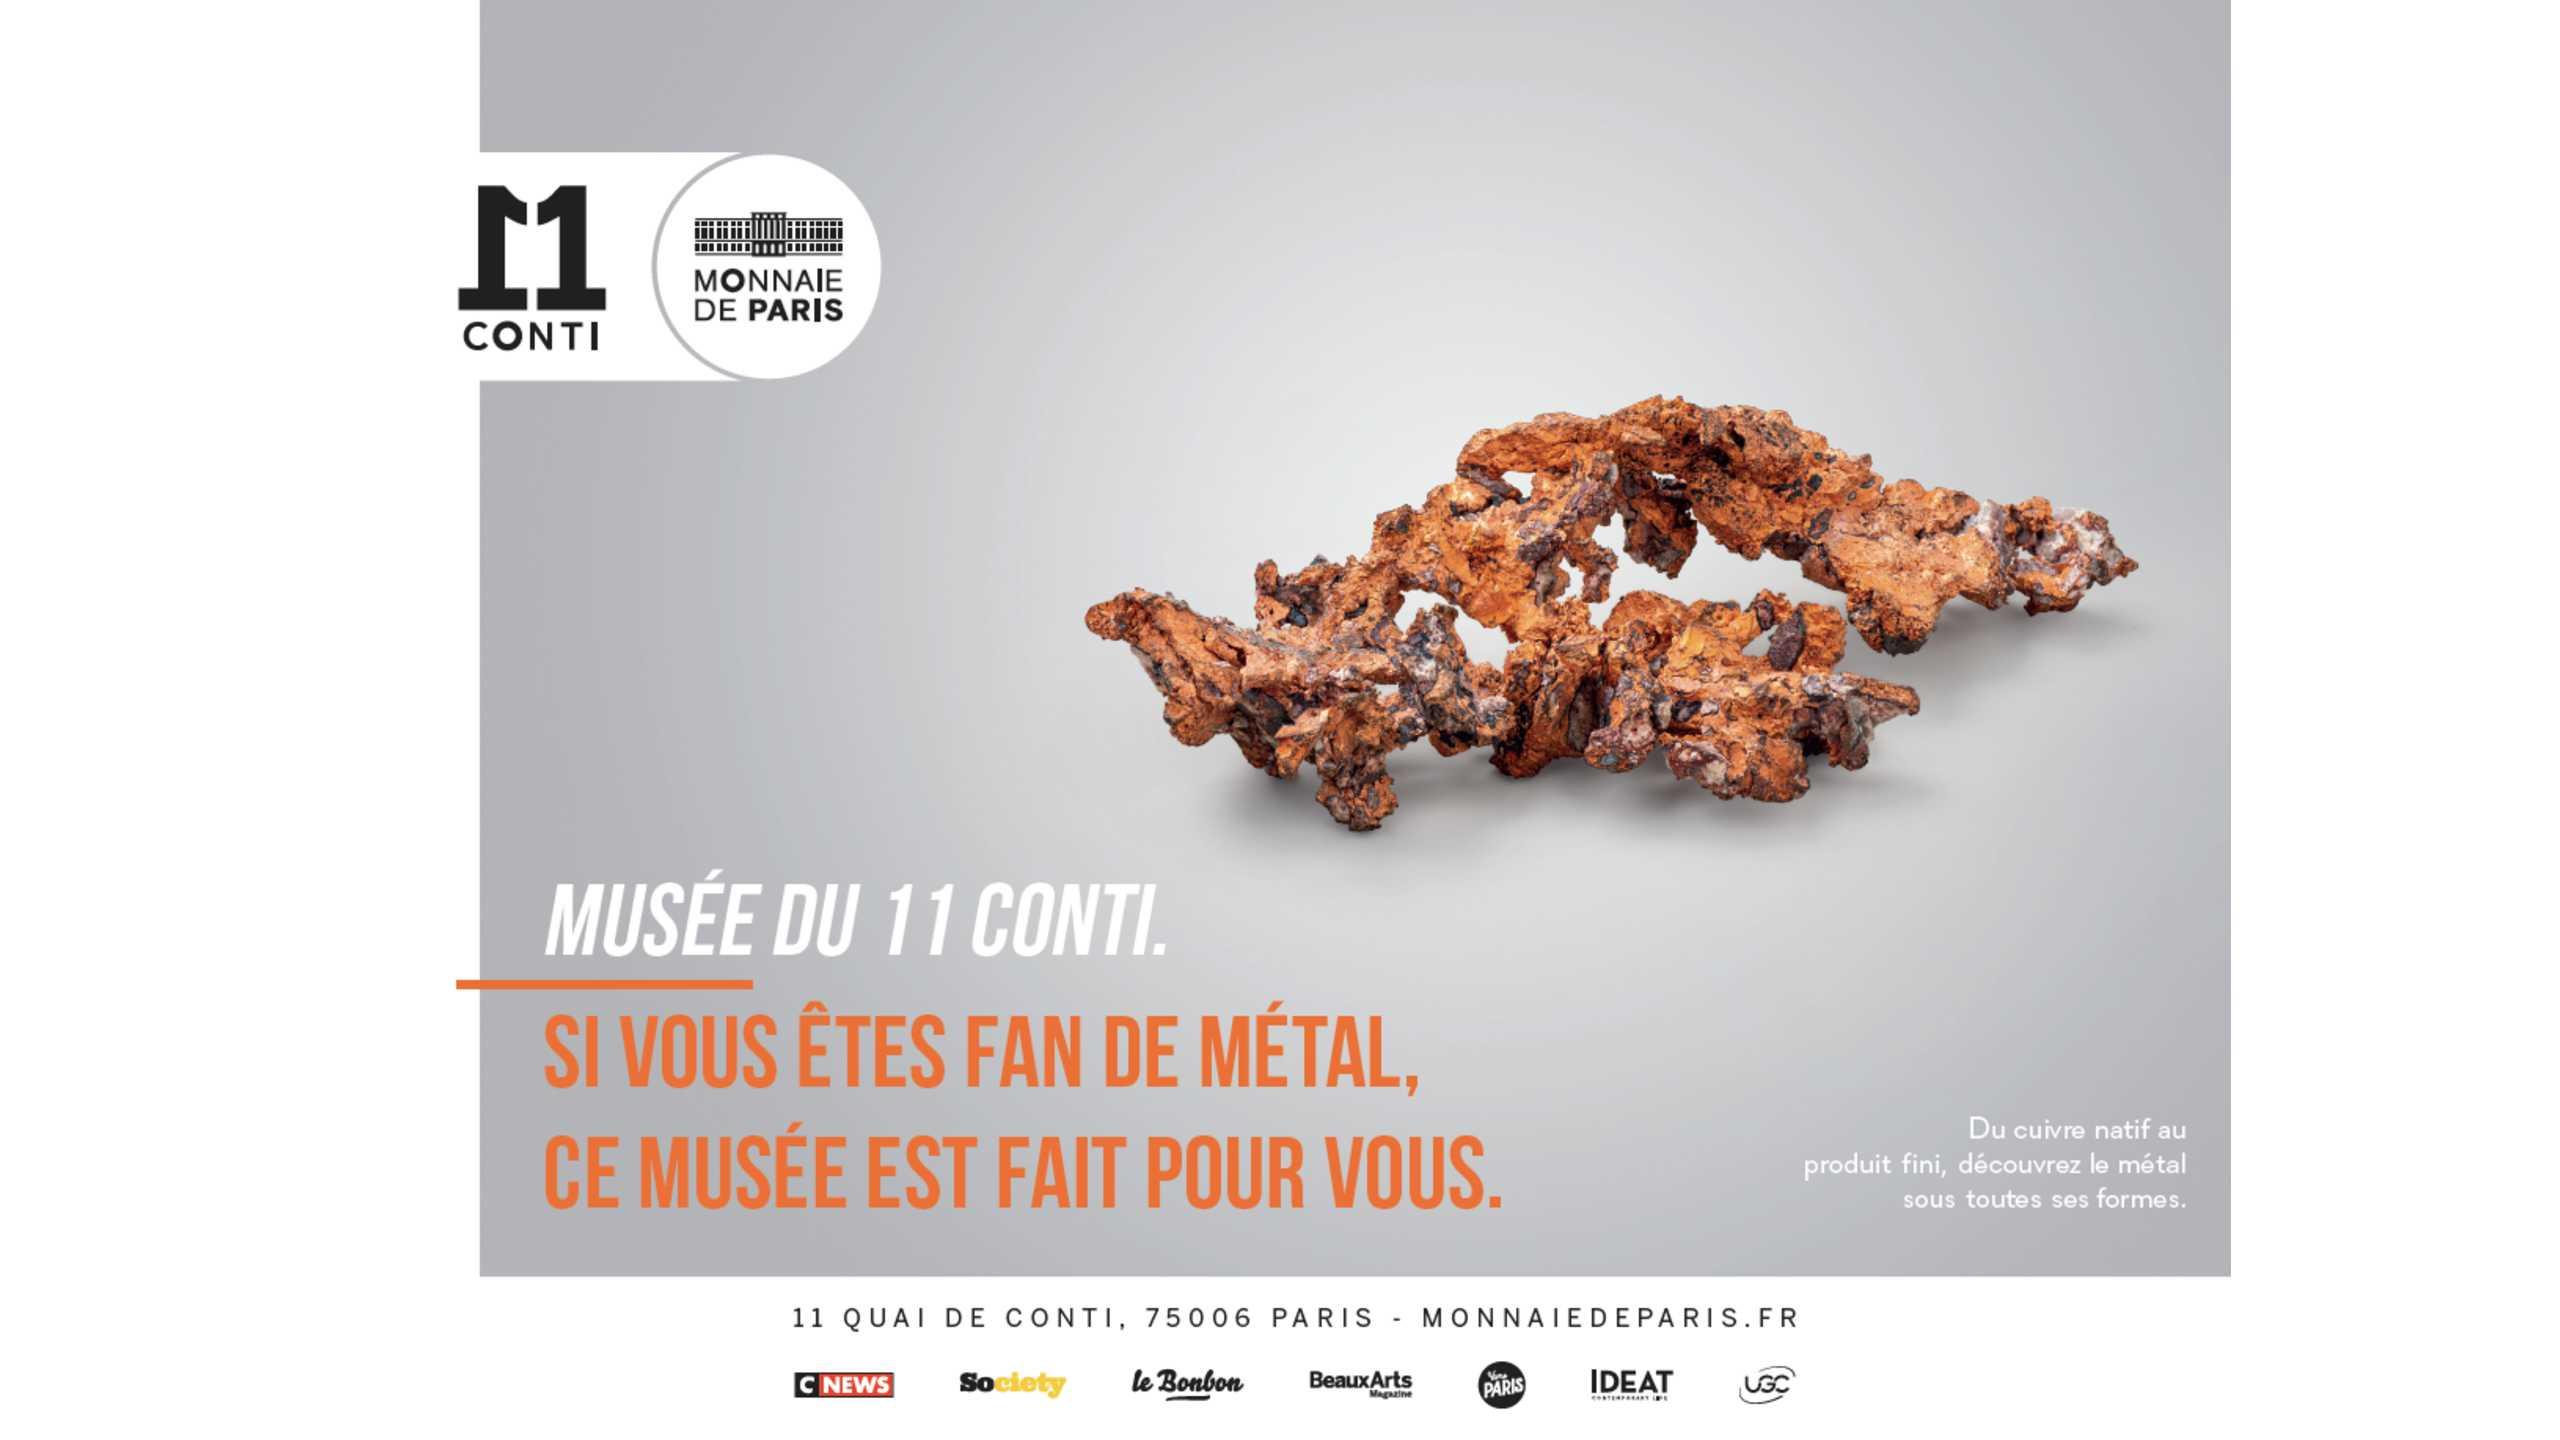 Si vous êtes fan de métal, ce musée est fait pour vous